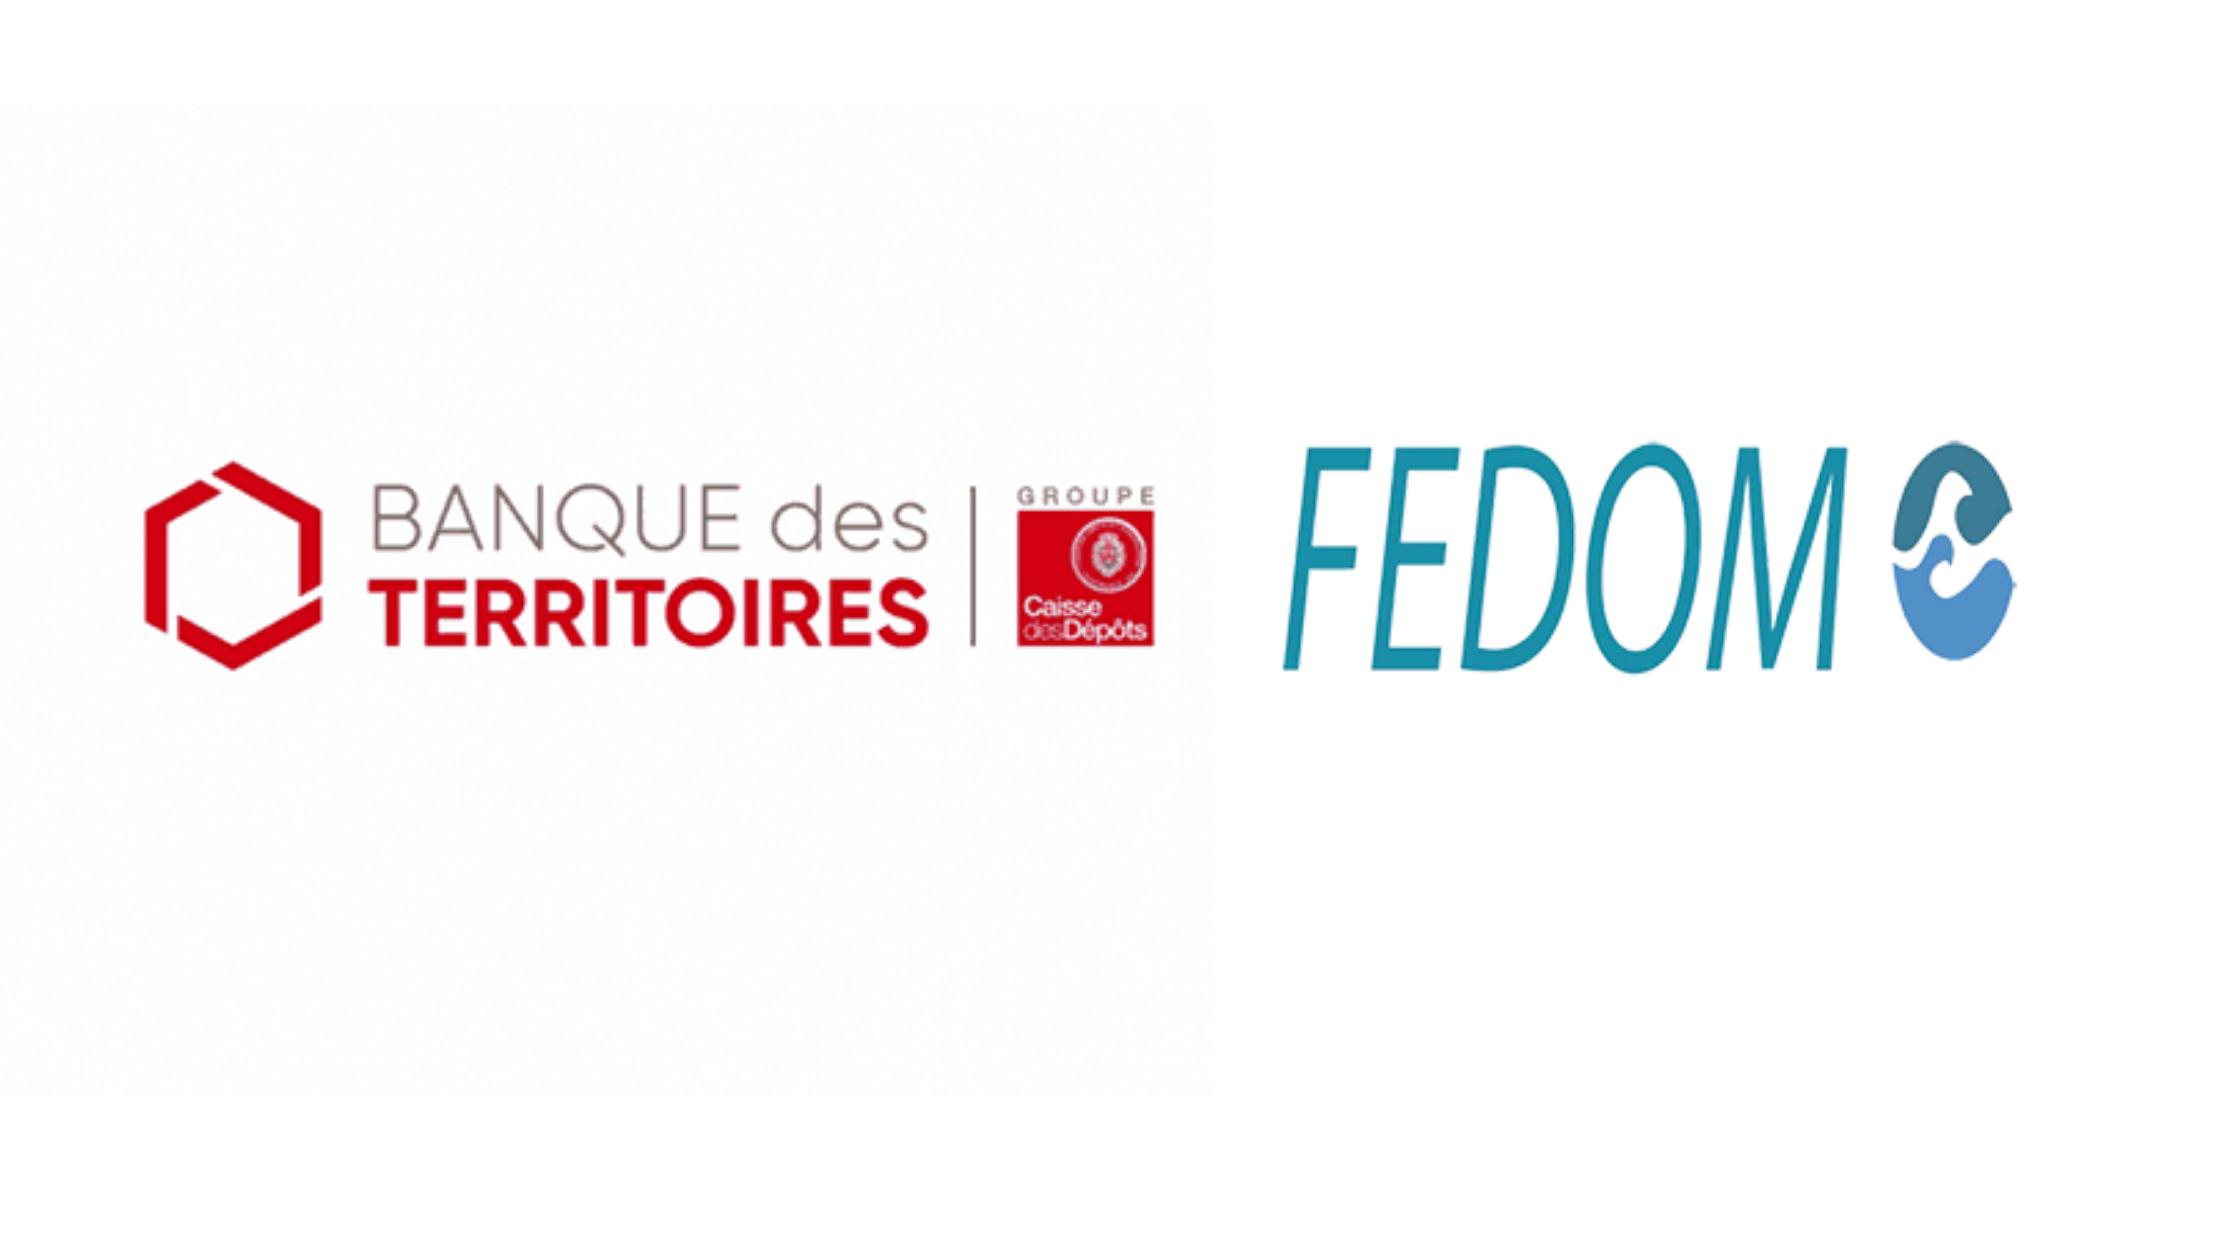 La Banque des Territoires et la FEDOM signent une convention afin d'améliorer leur soutien aux entreprises ultramarines